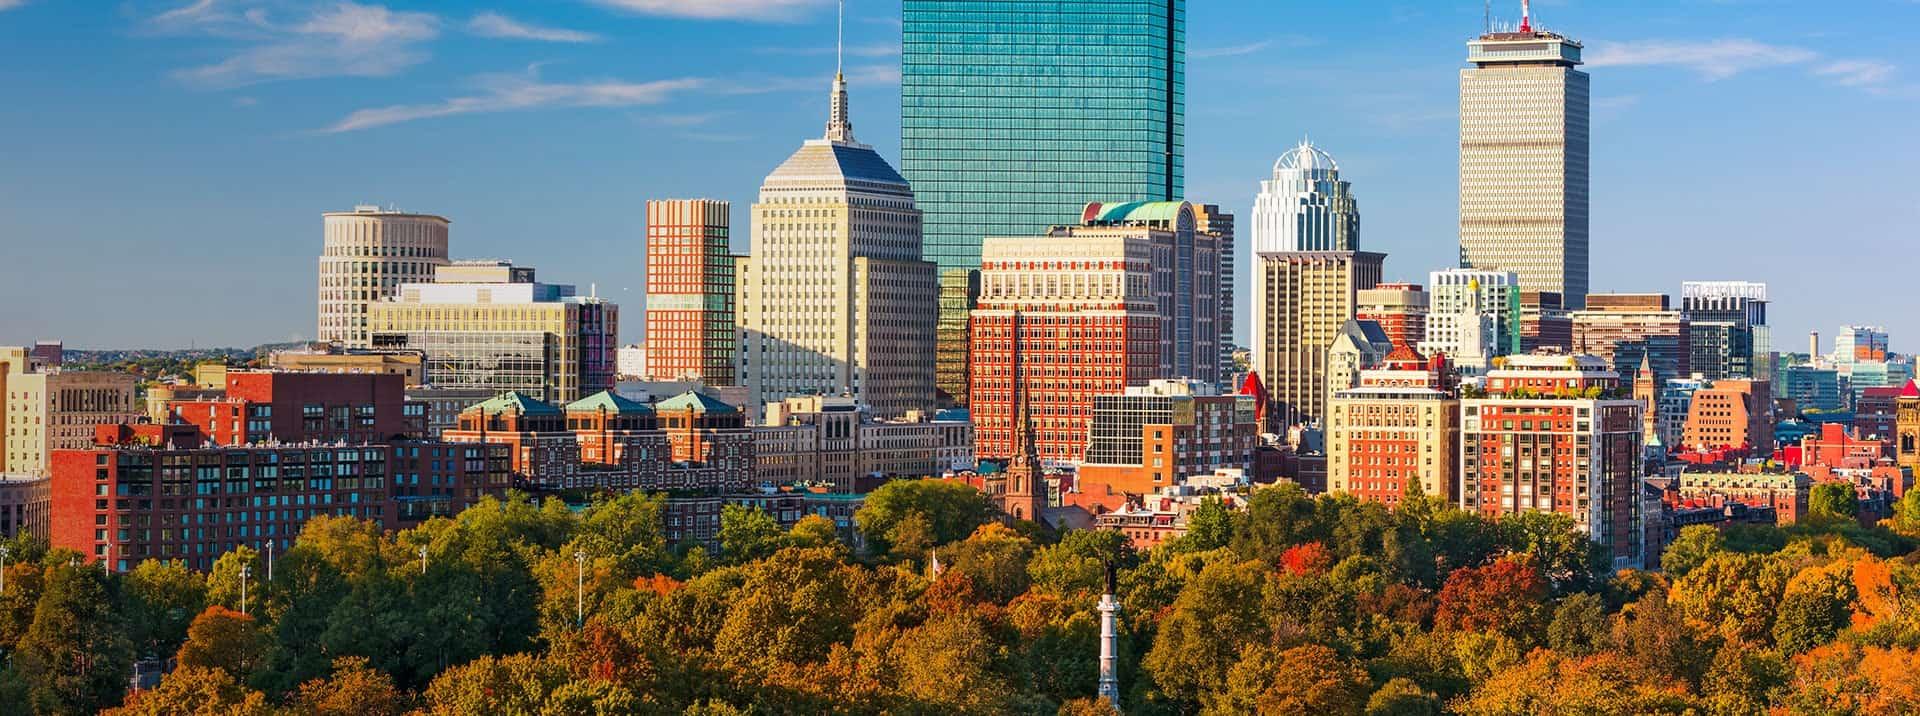 Featured-Image_Massachusetts2_1920x716-min